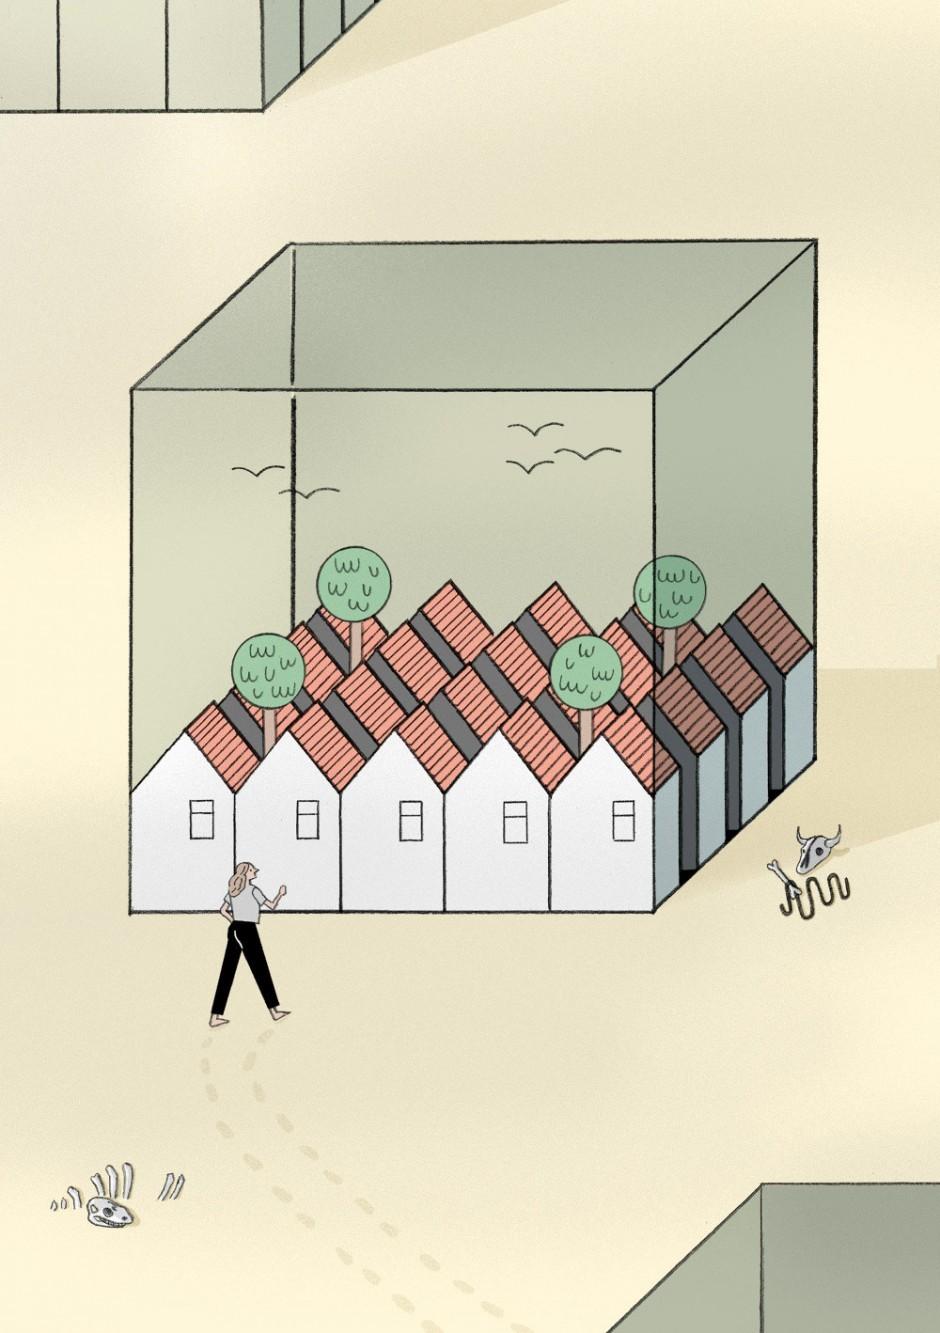 Illustration von Moritz Wienert für das Schweizer Stadtentwicklungsmagazin »Affekt«. Im Artikel geht es um die Herausforderungen, vor die Flülichtlinge westliche Gesellschaften stellen